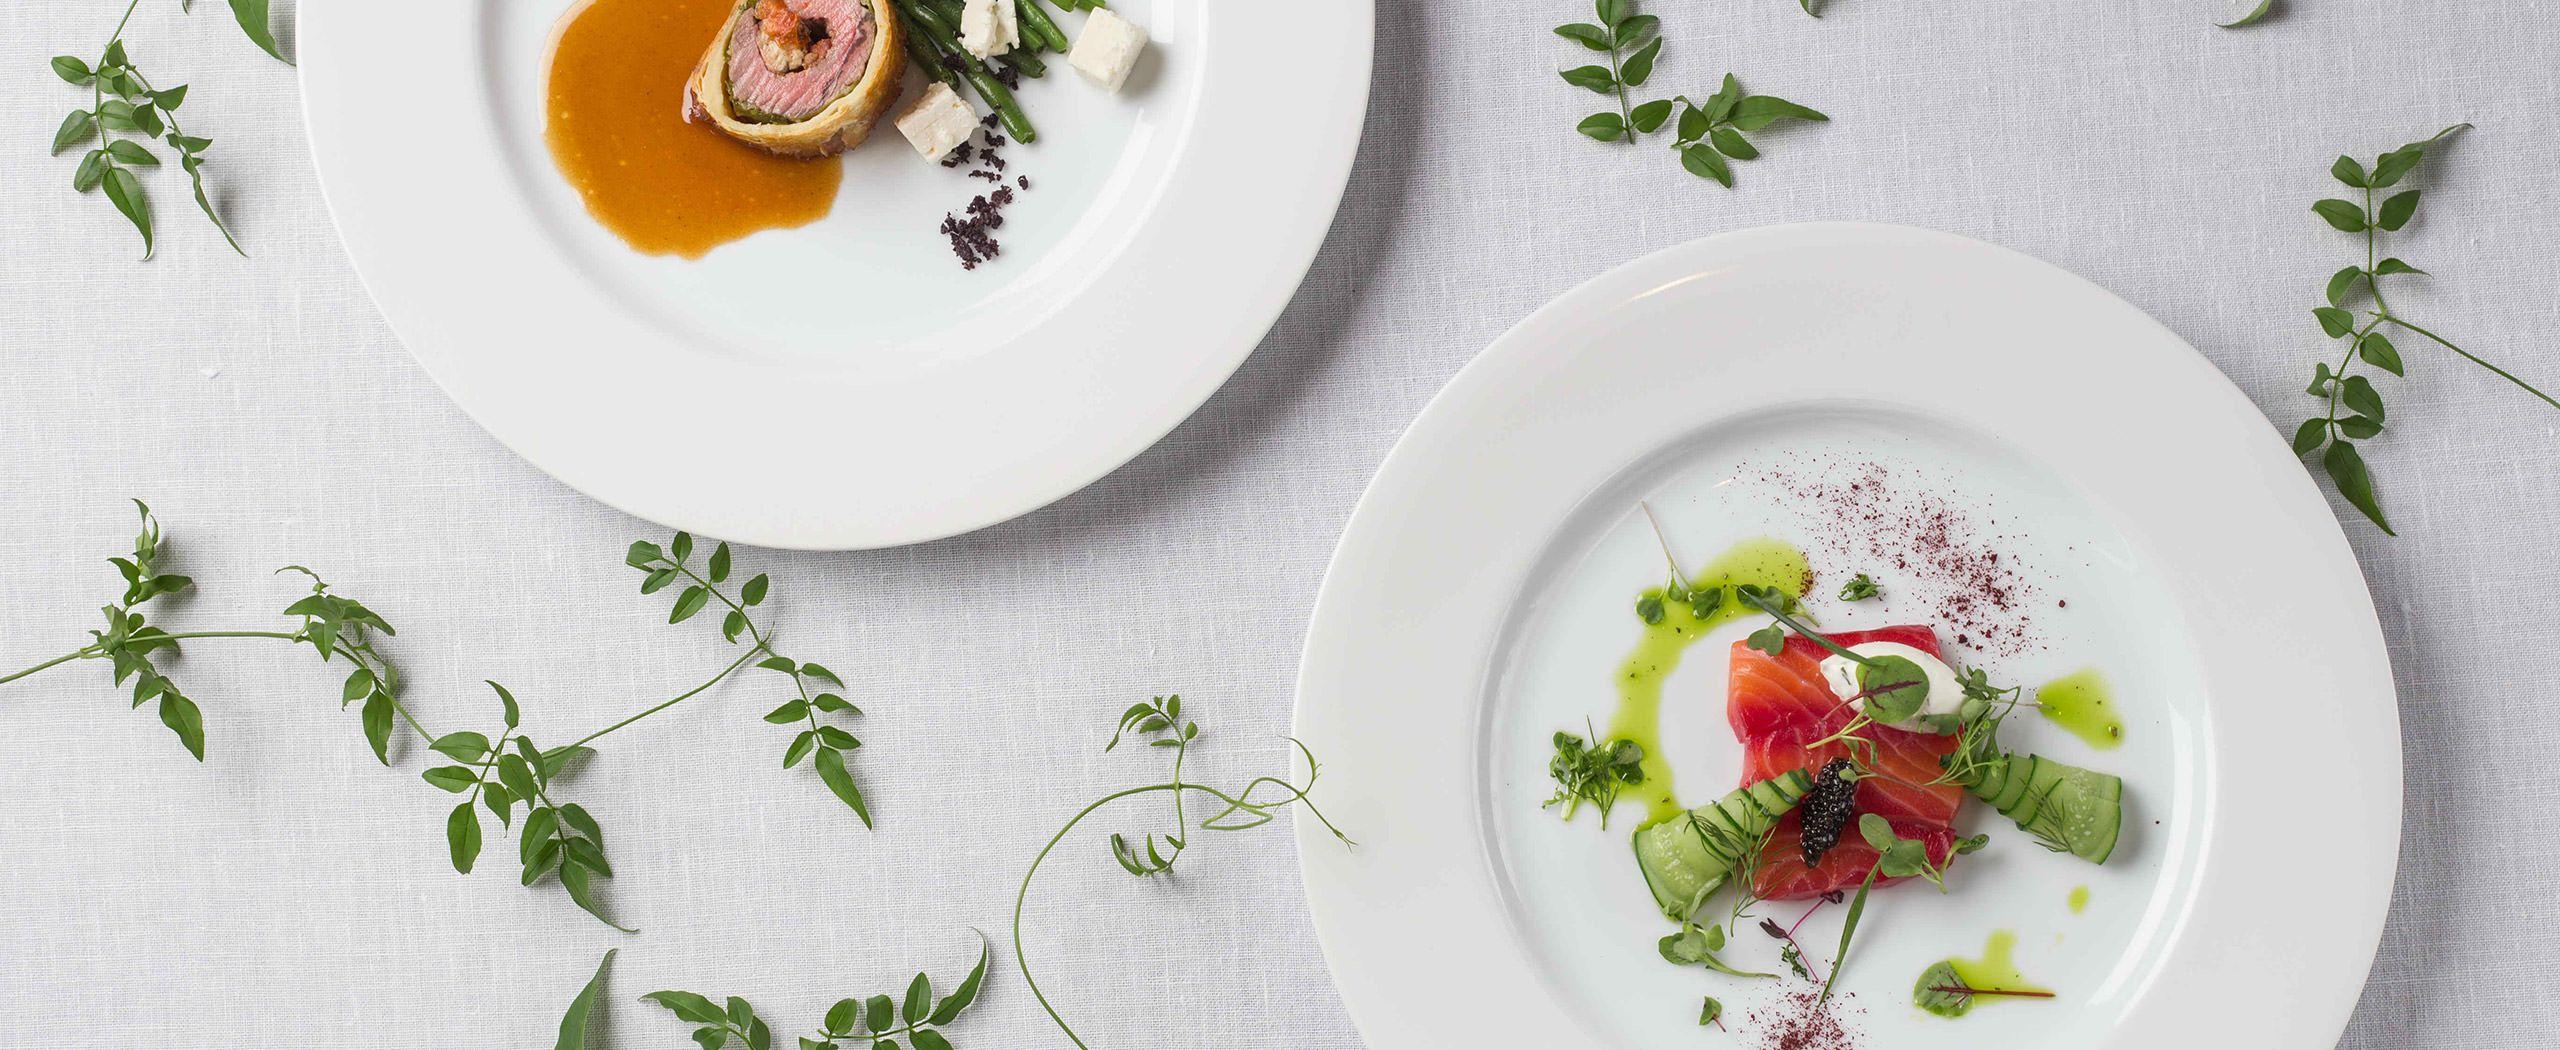 フランス料理 オールデイ ダイニング「フレンチ キッチン」